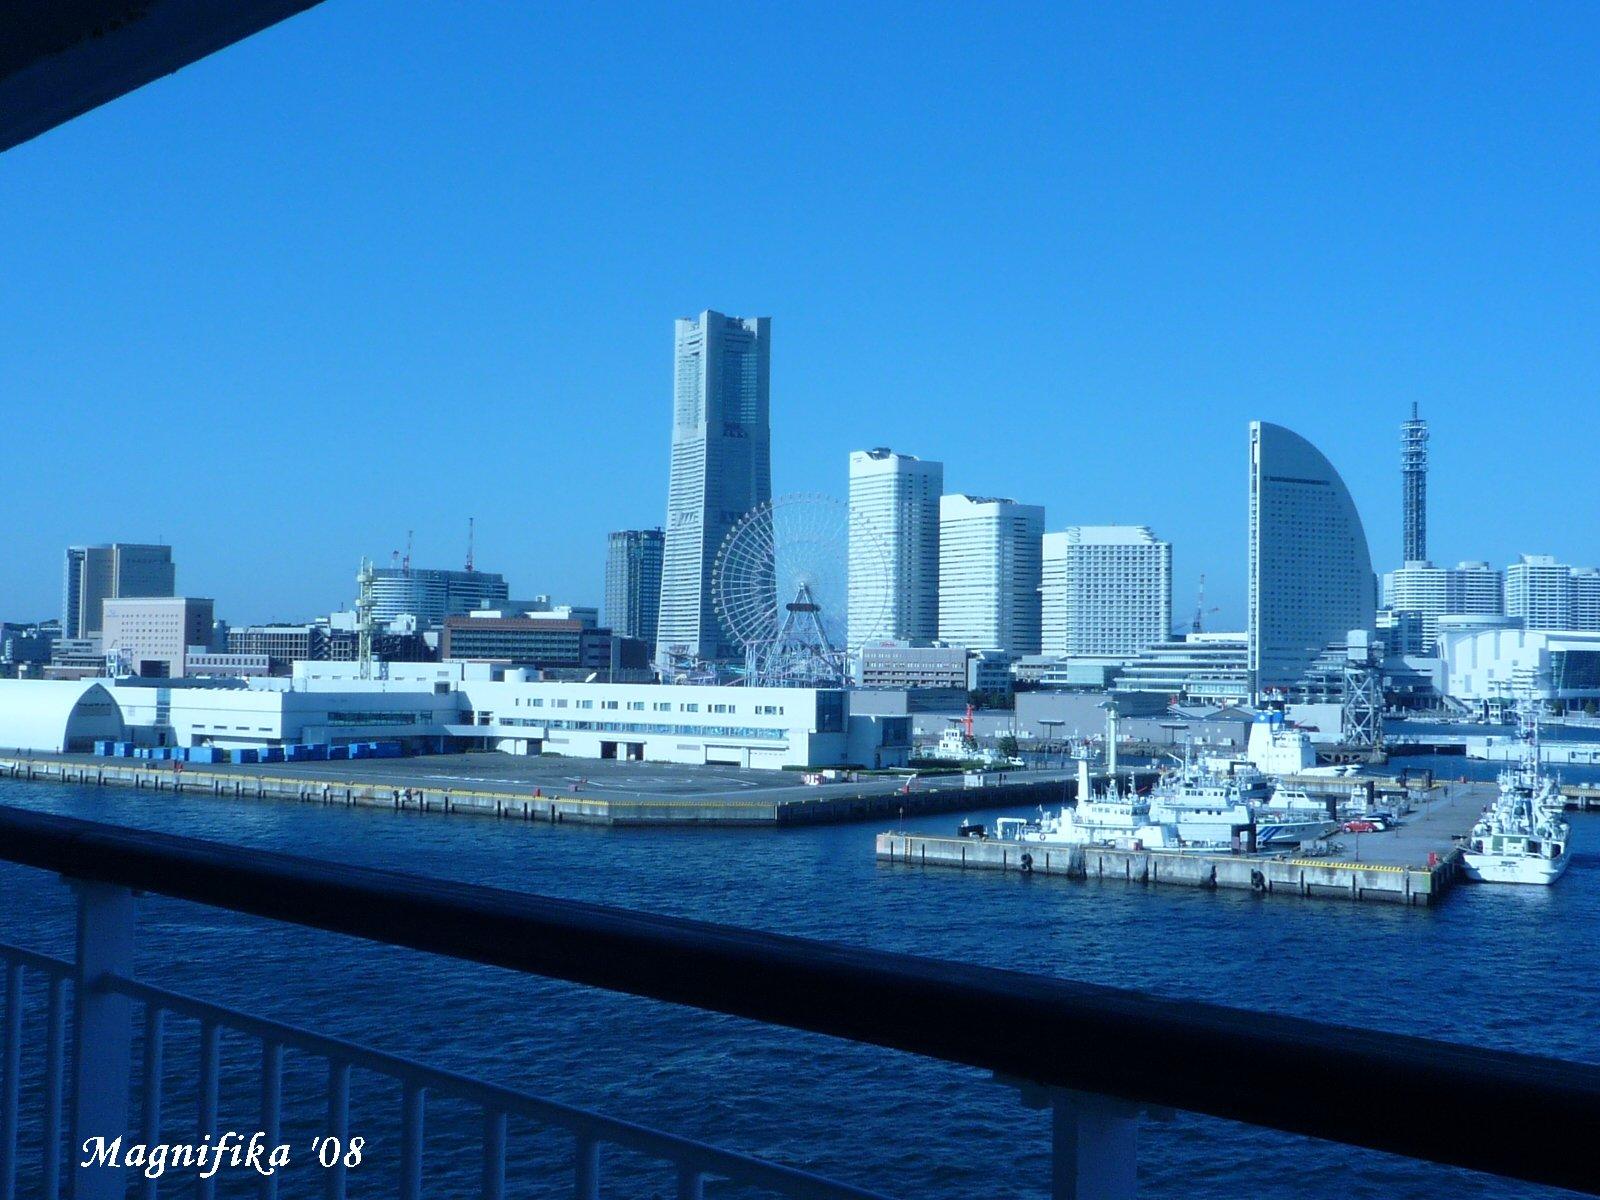 ぱしふぃっく びいなす Pacific Venus cruise report-10 Back to Yokohama_e0140365_19482174.jpg